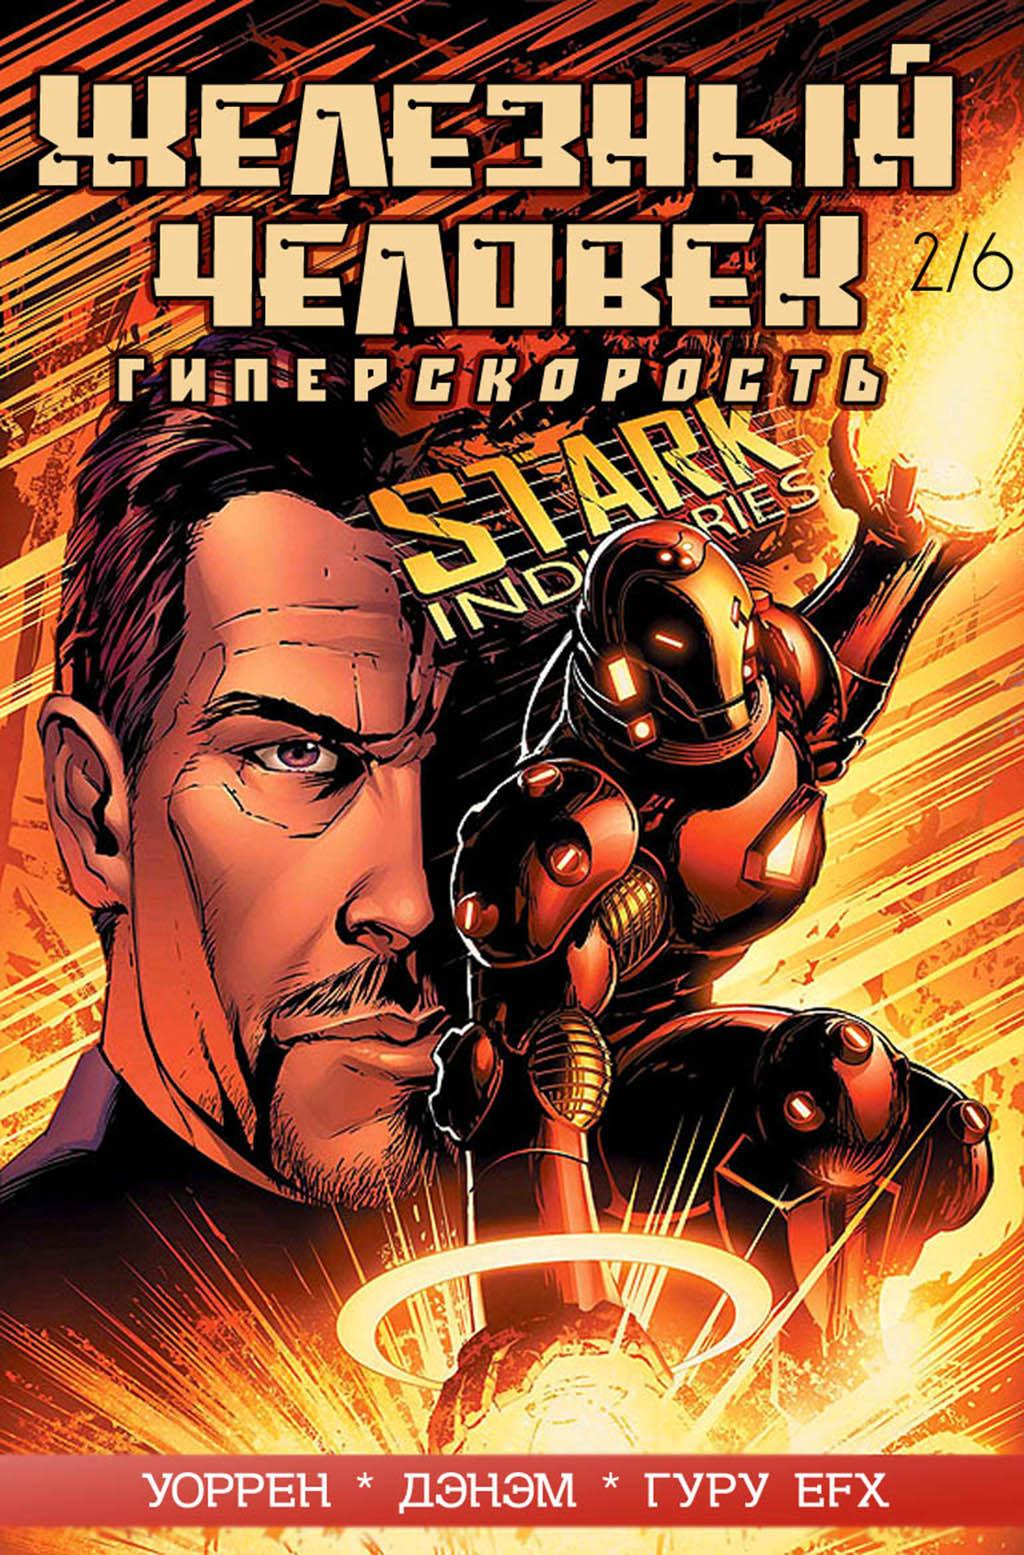 Комикс Железный Человек: Гиперскорость